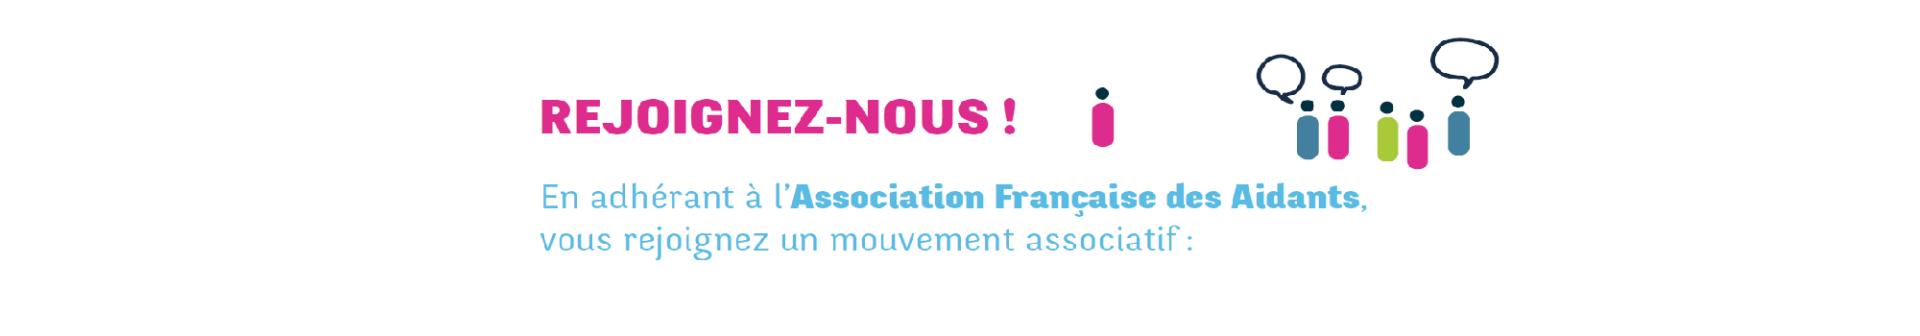 Association Française des Aidants 2018 - Association Française des Aidants